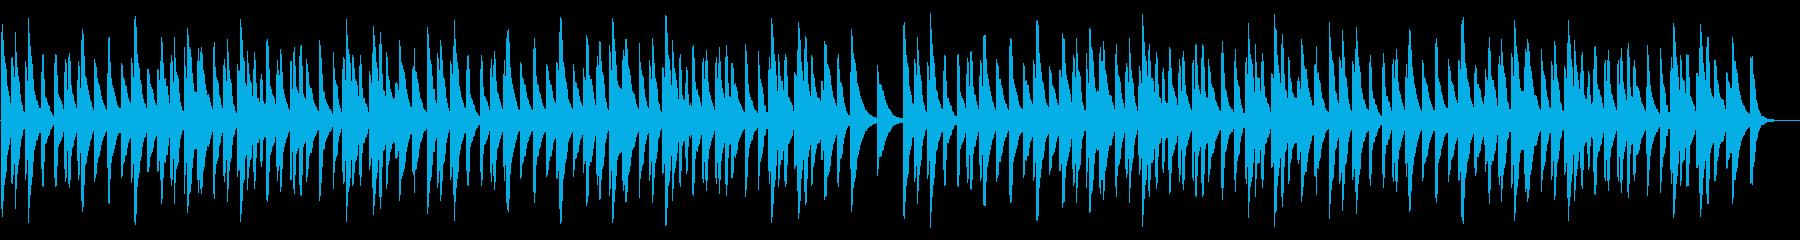 雪 18弁オルゴールの再生済みの波形